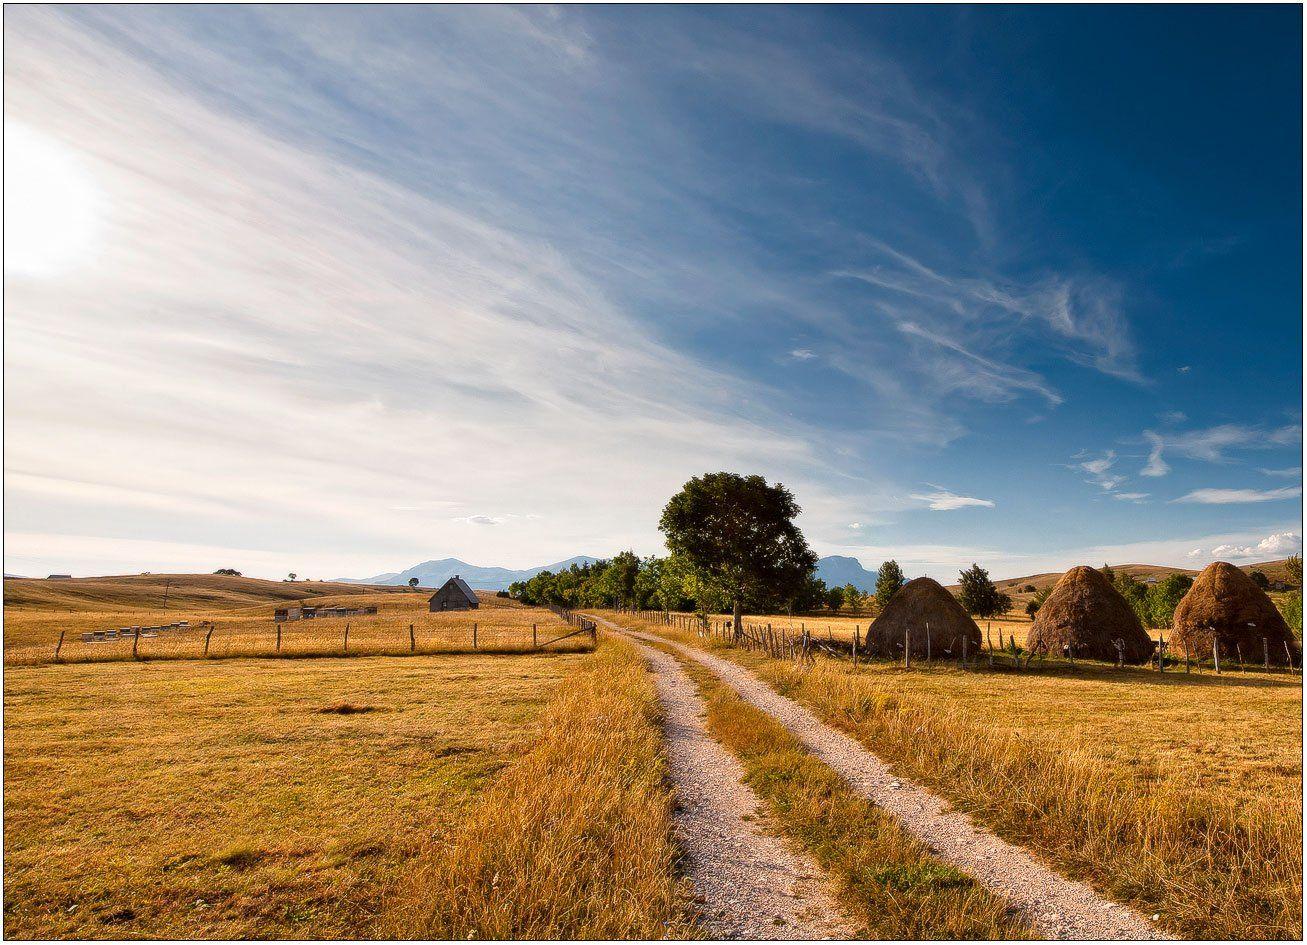 горы,горная деревня,дорога,дом, trinitrotoluol